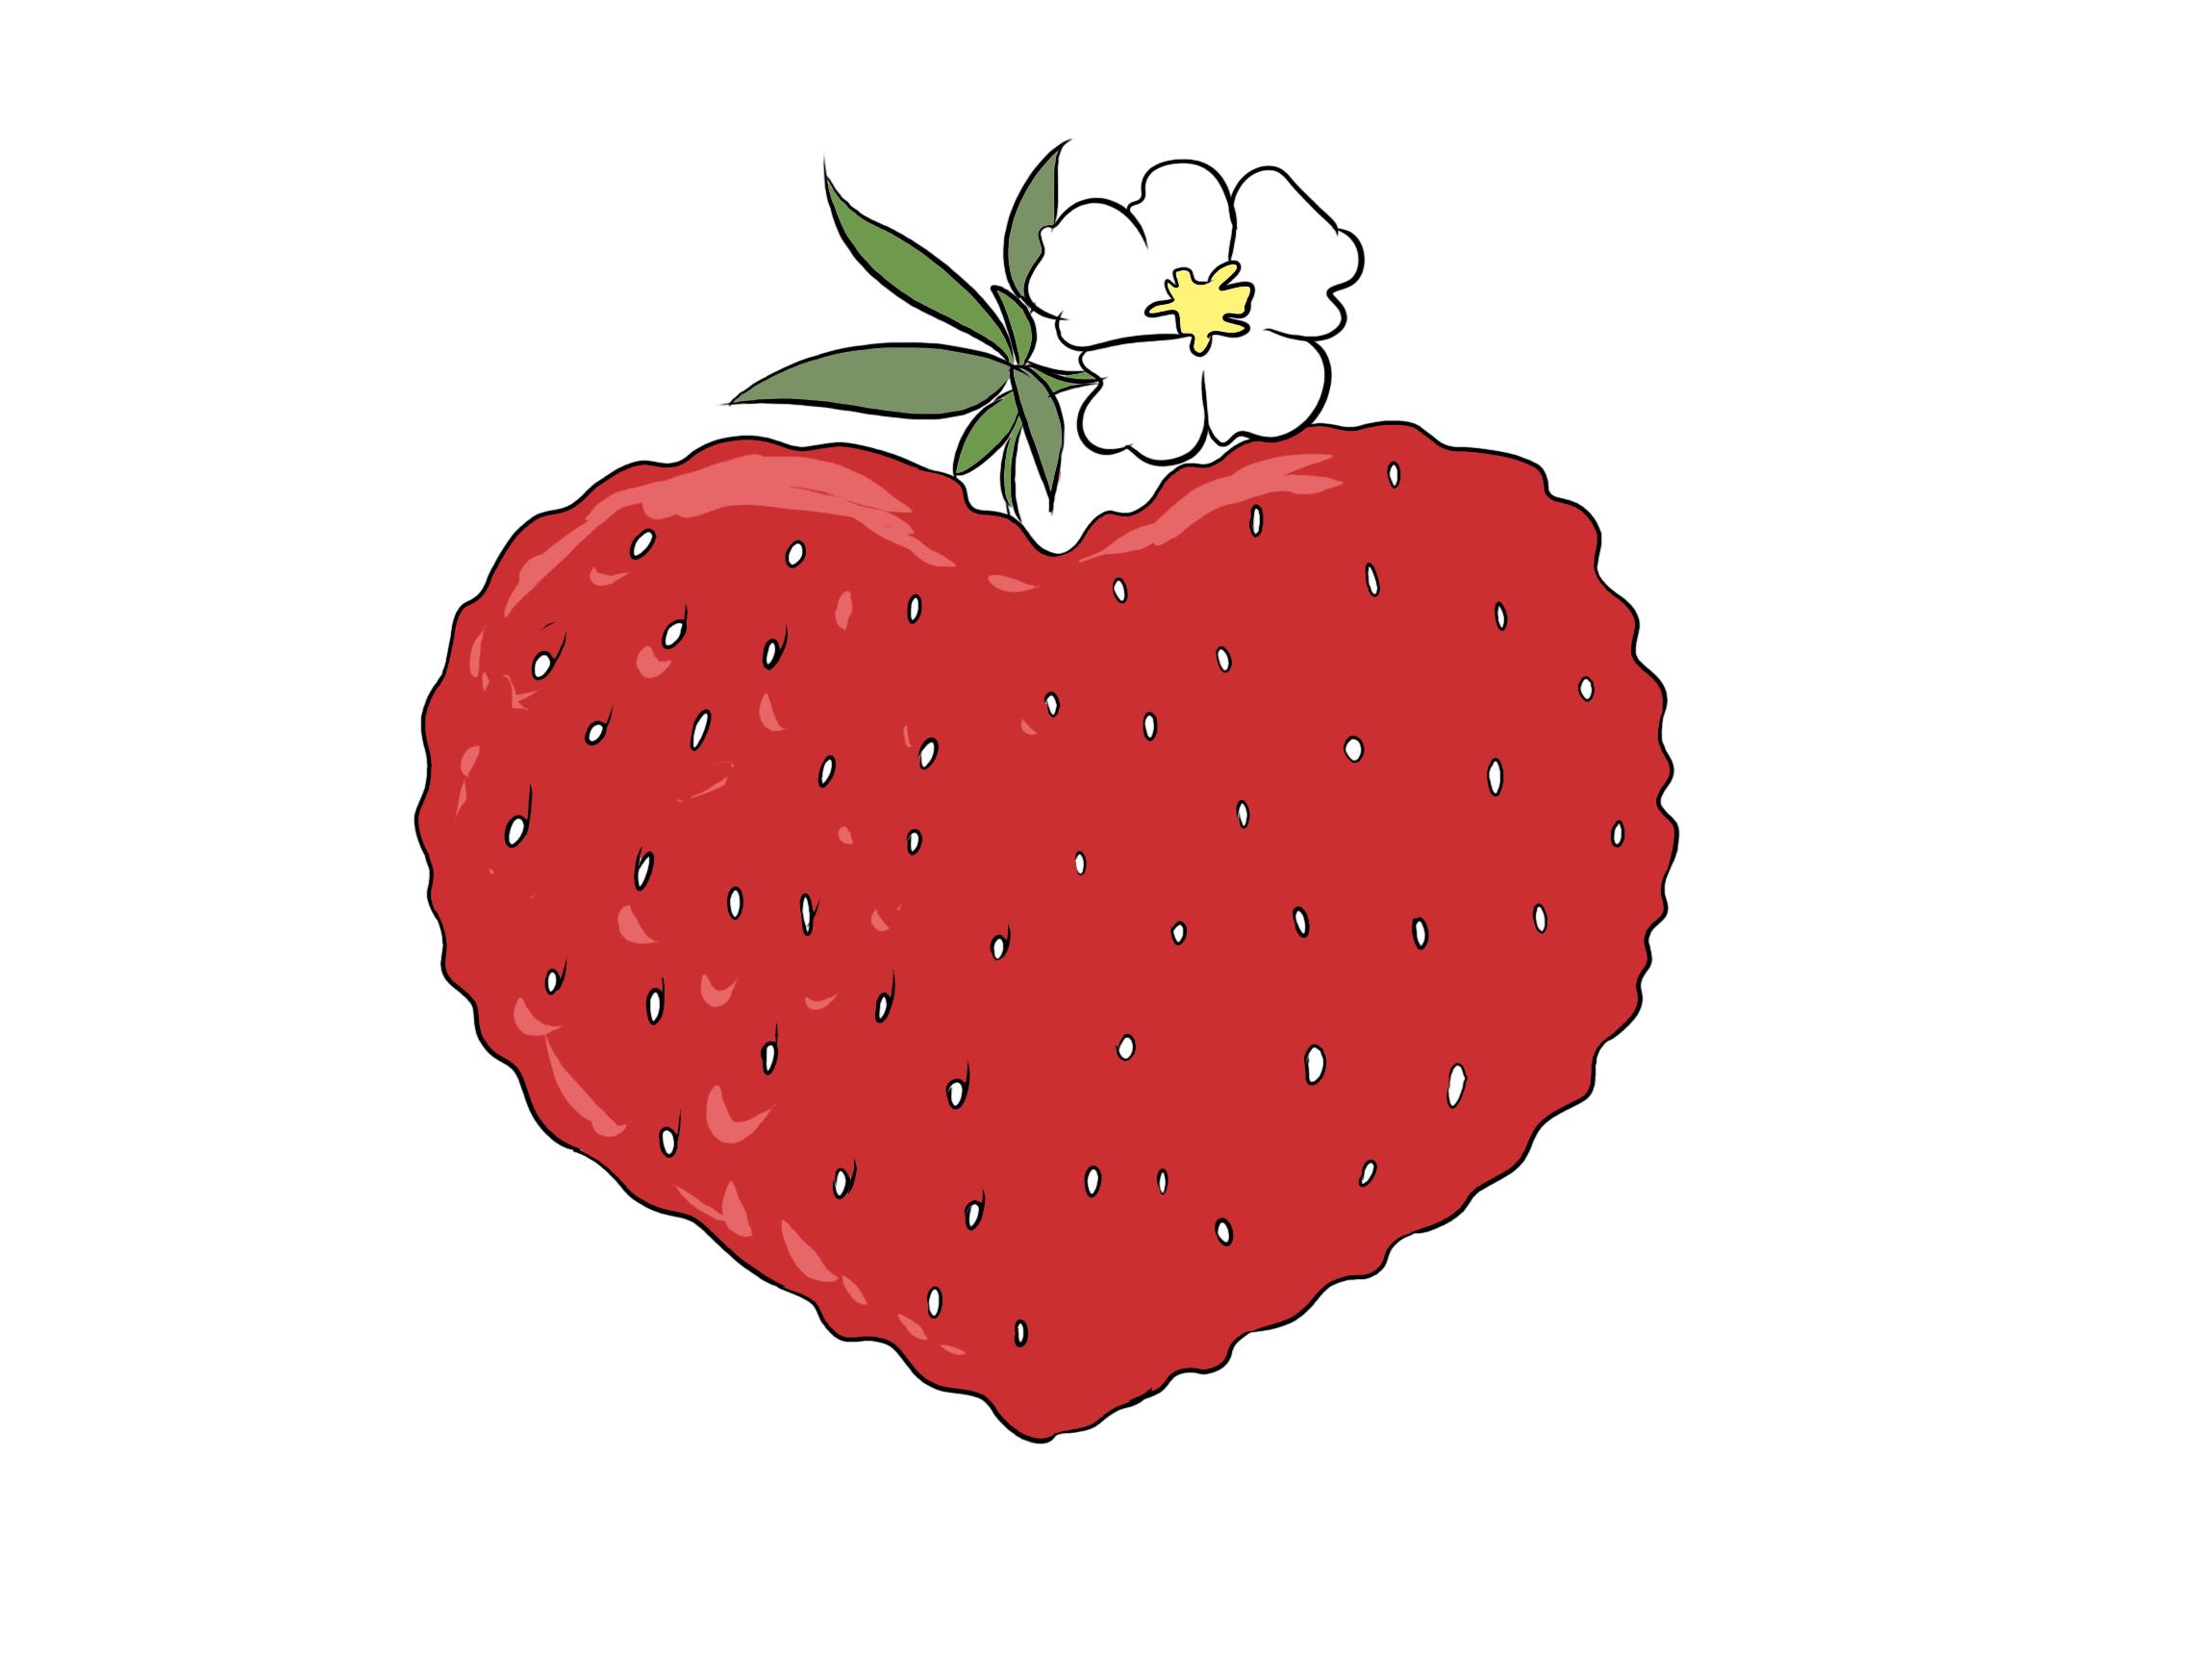 Herz in Form einer Erdbeere Clipart, Bild, Grafik